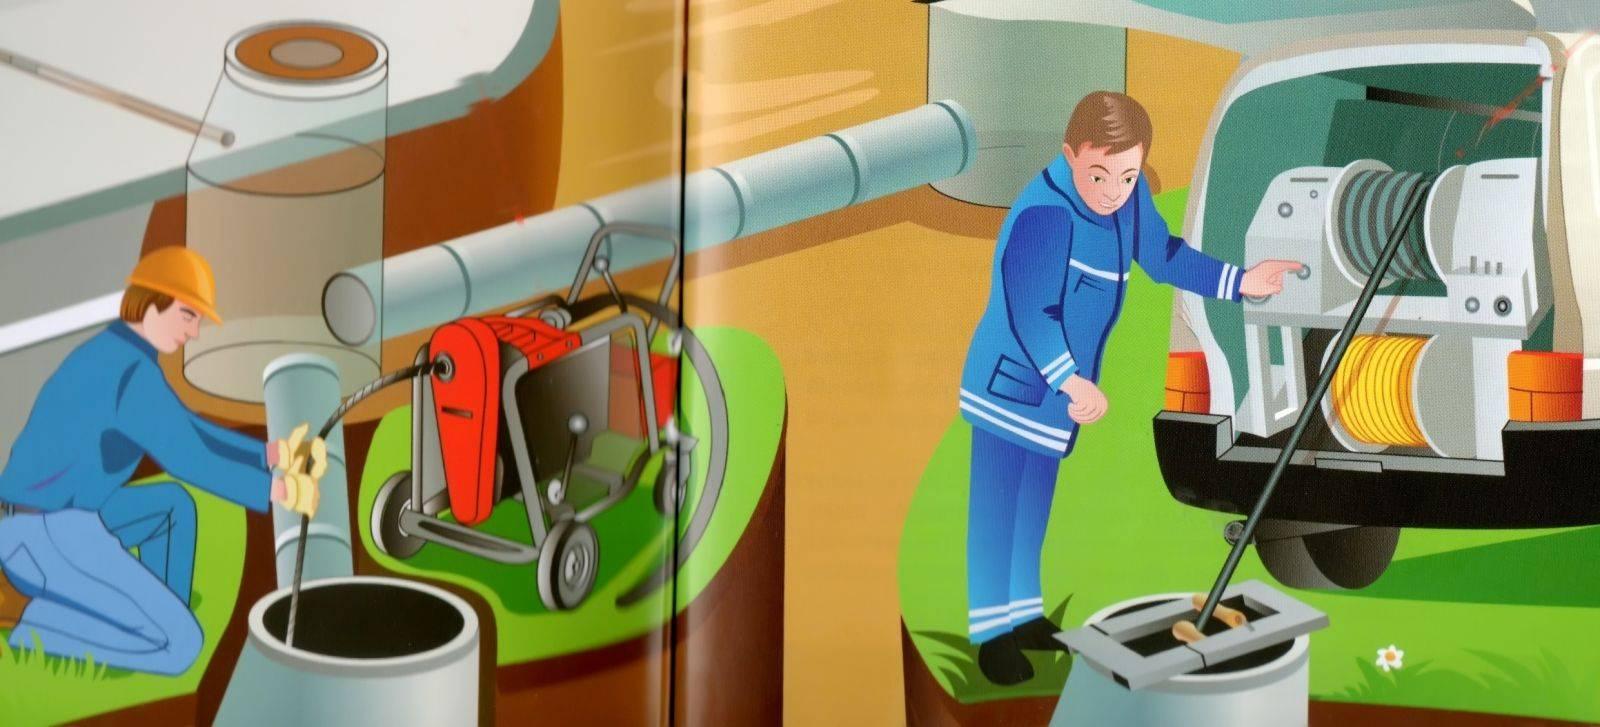 Устранение засоров канализации: средства и способы